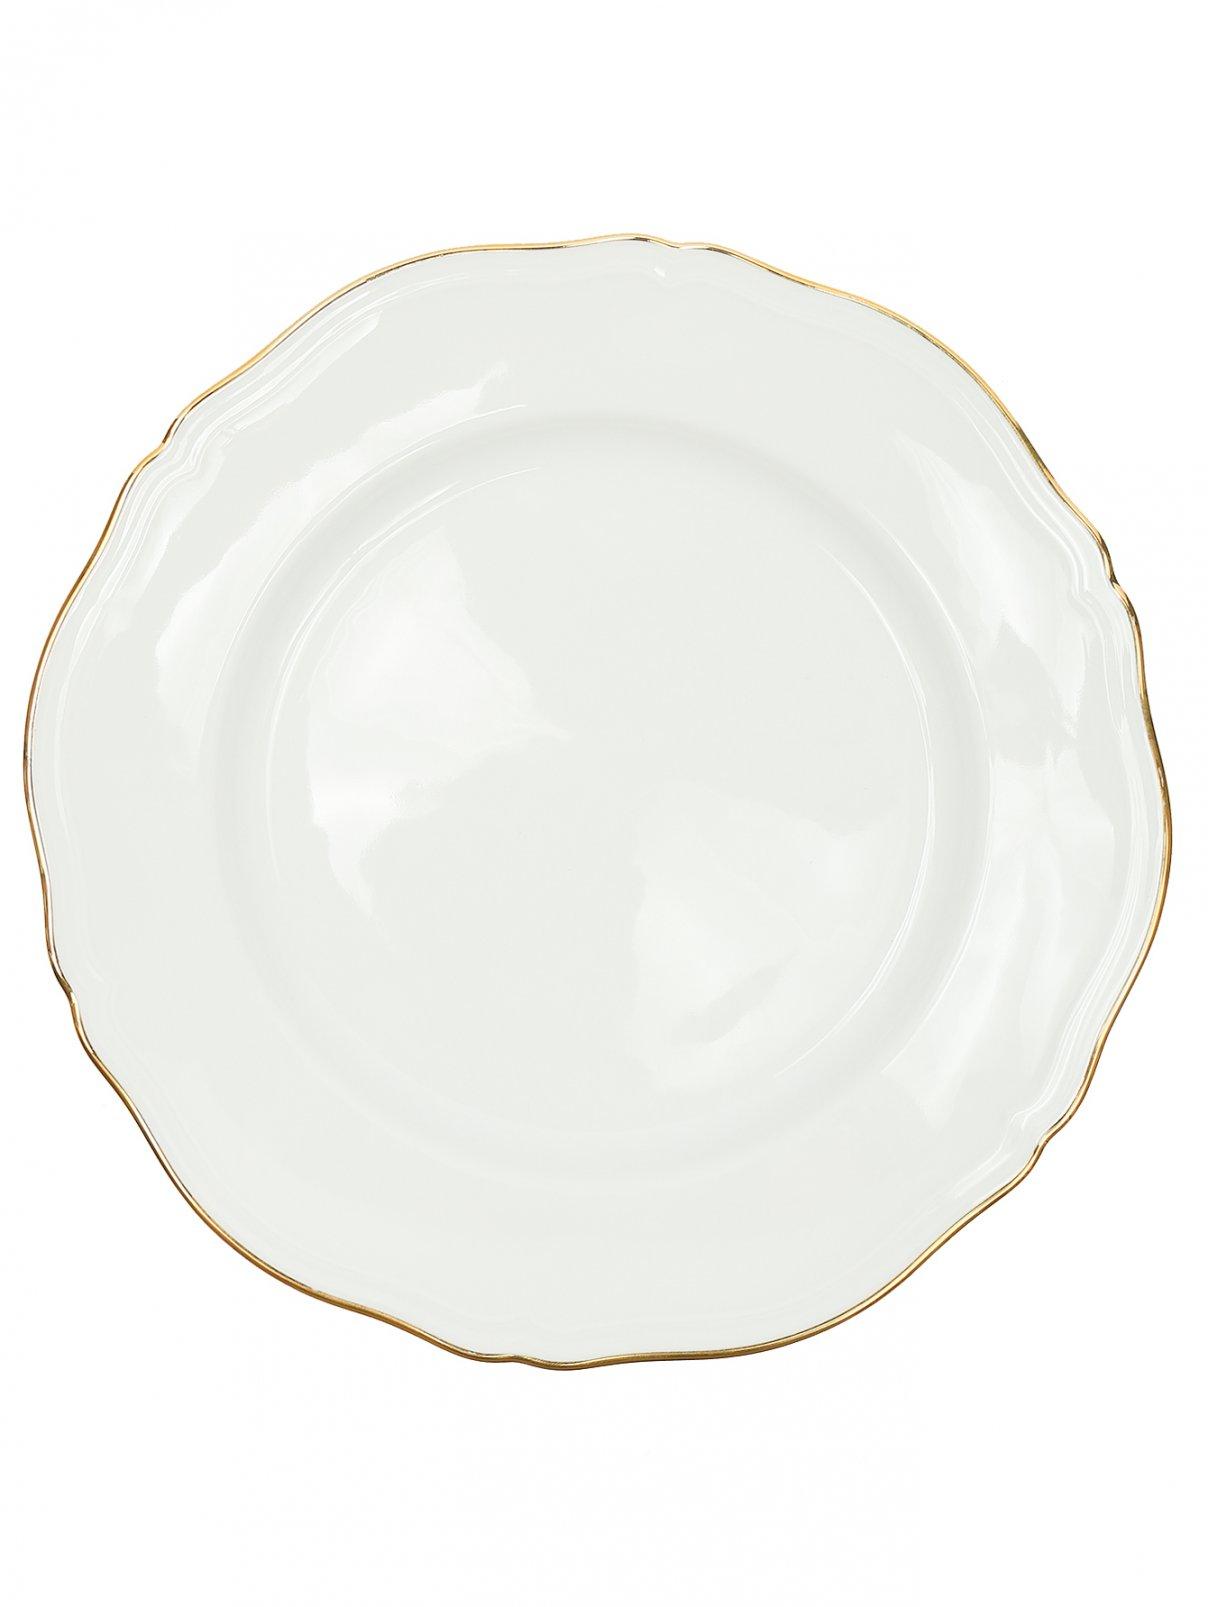 Тарелка обеденная с золотой окантовкой Richard Ginori 1735  –  Общий вид